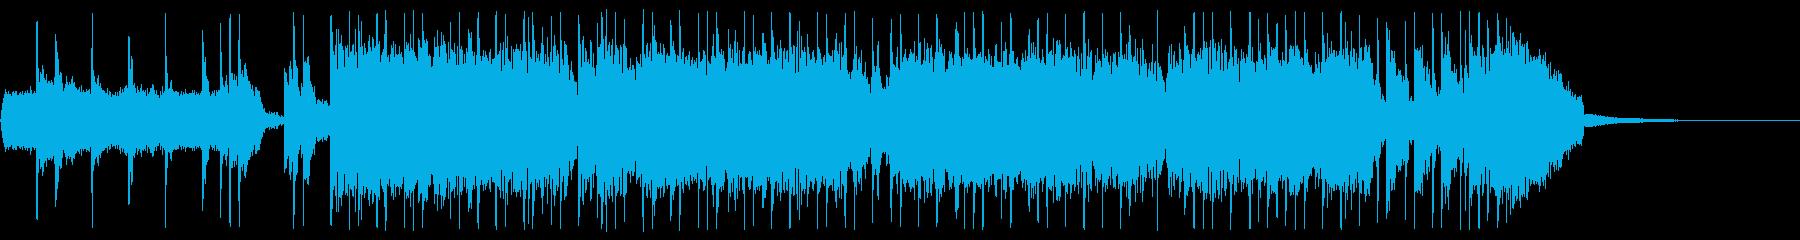 エレキ生演奏疾走ロック OP CM等にの再生済みの波形